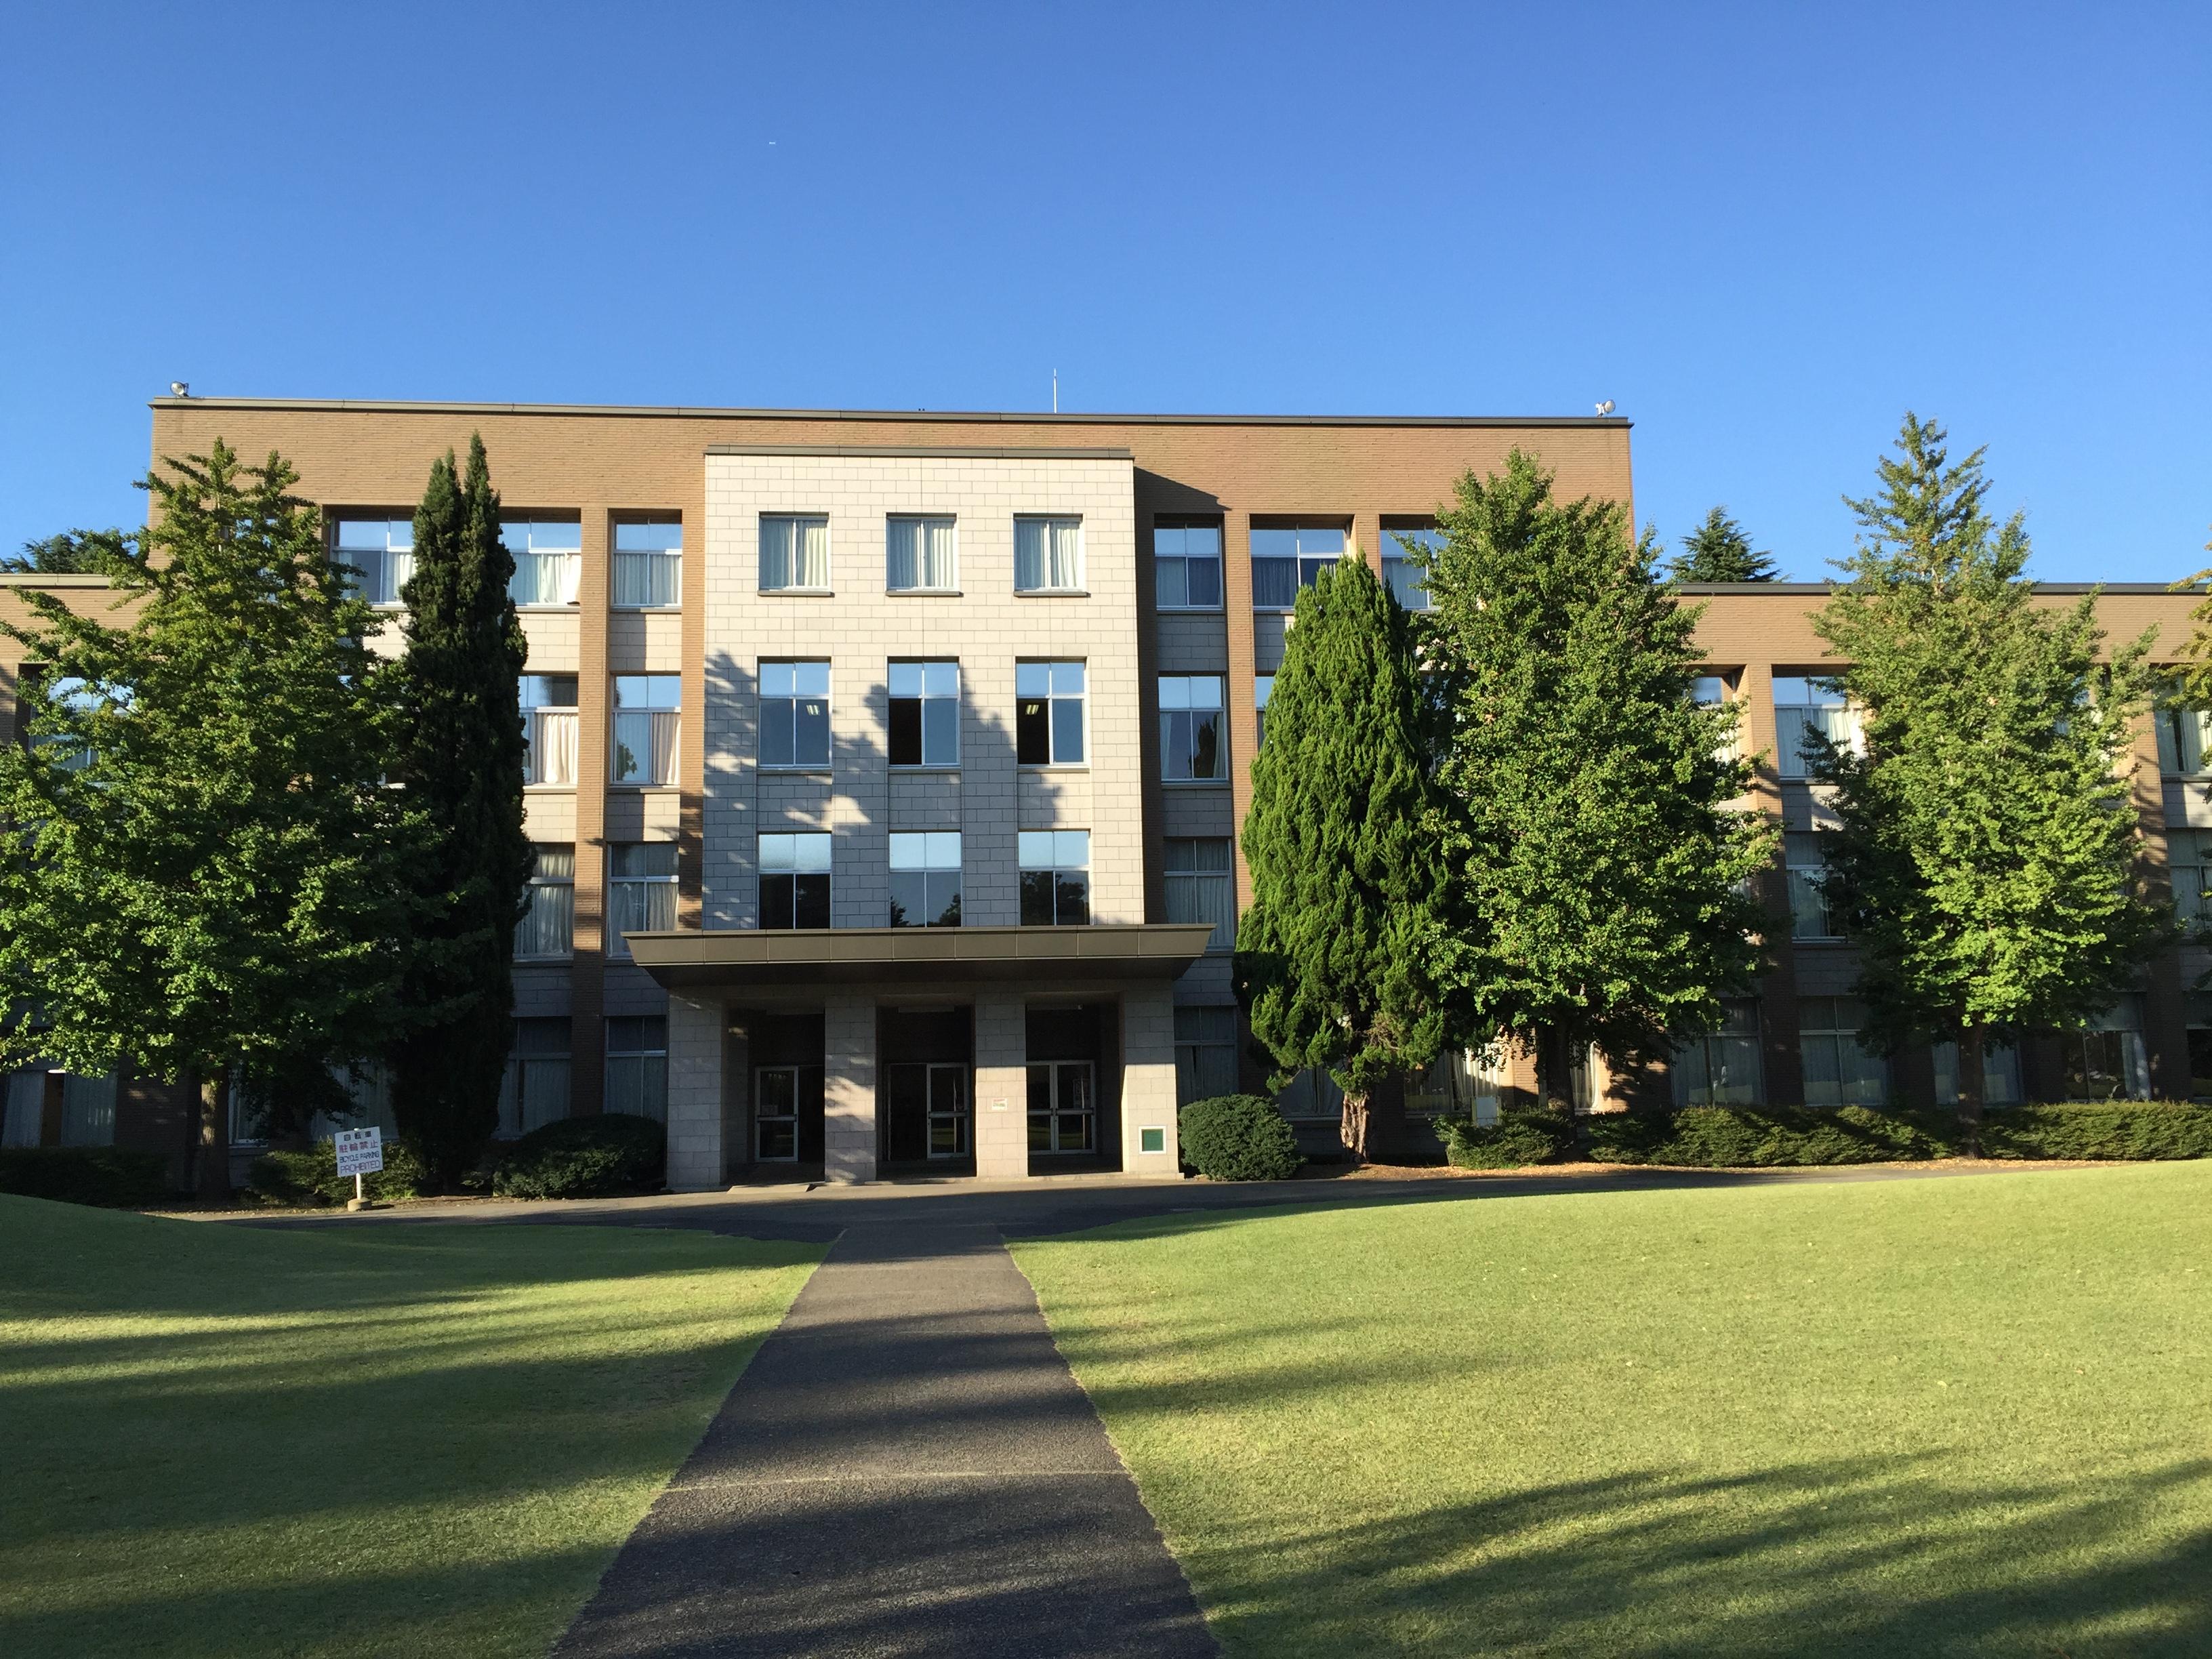 本館は第二次大戦中に竣工し、現在築70年を超えている。